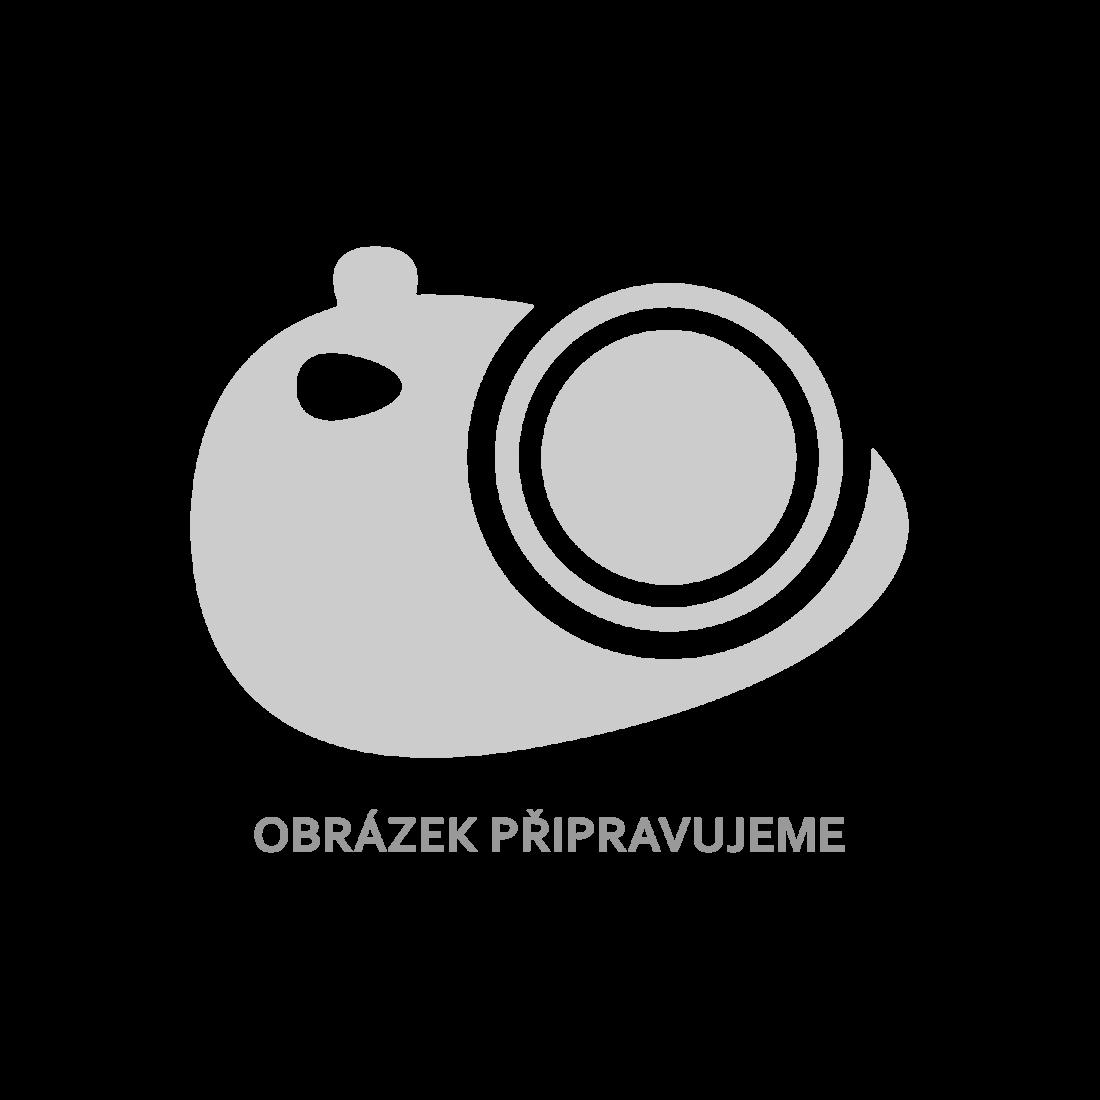 vidaXL Kuchyňské skříňky 2 ks bílé 50 x 31 x 60 cm dřevotříska [805078]